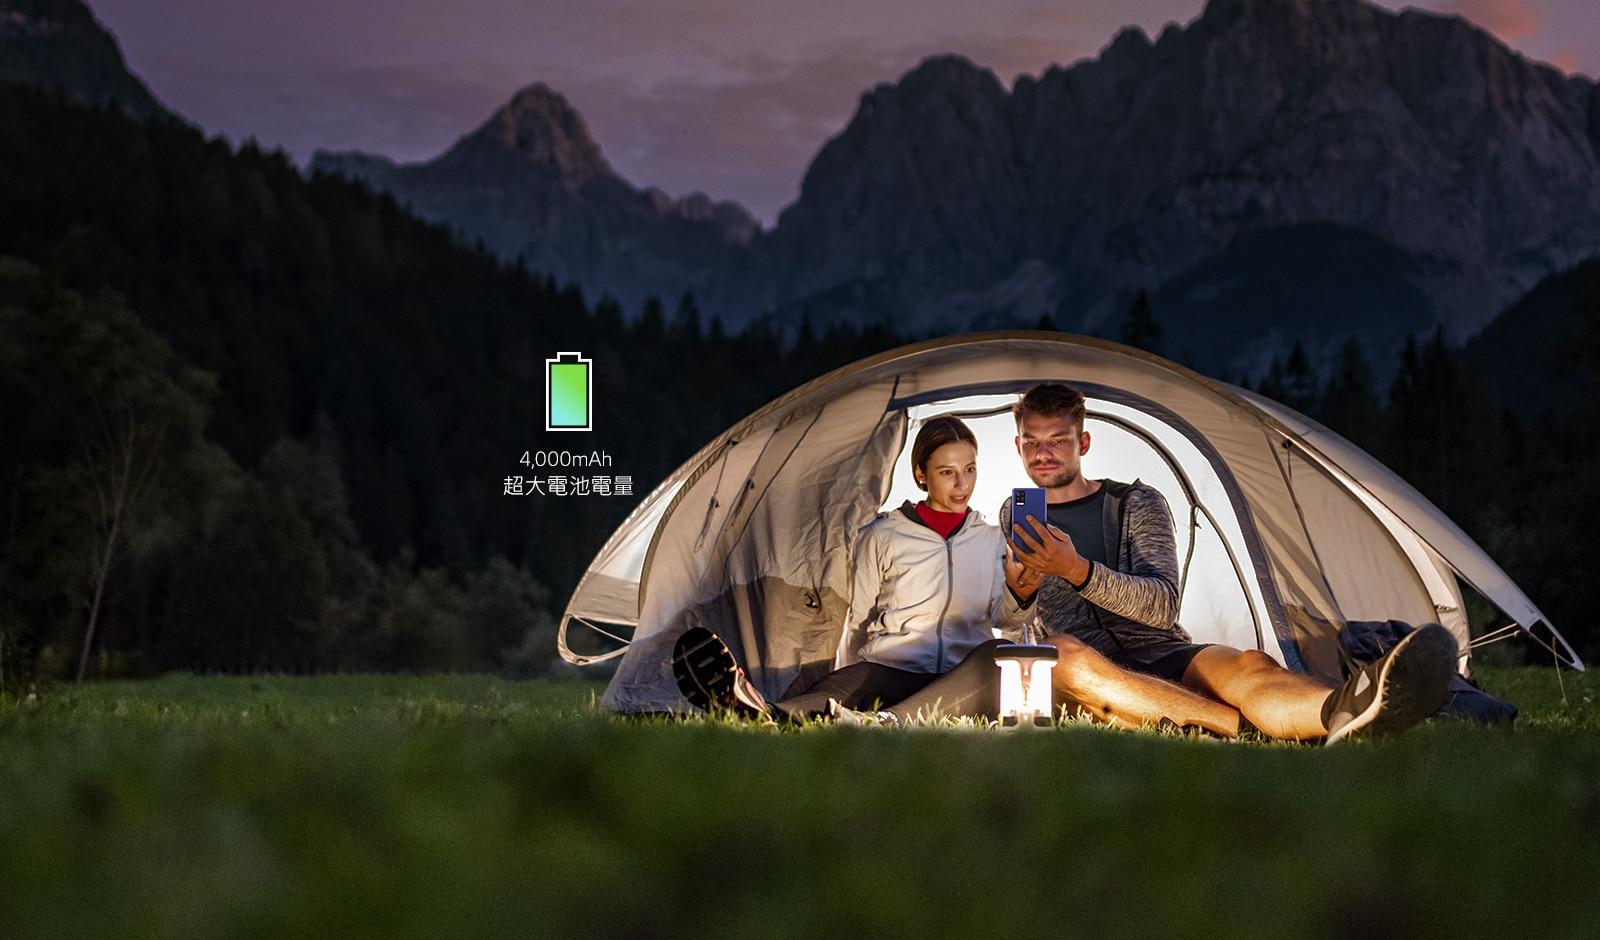 夜晚下的帳棚內的一對男女使用者LG K52